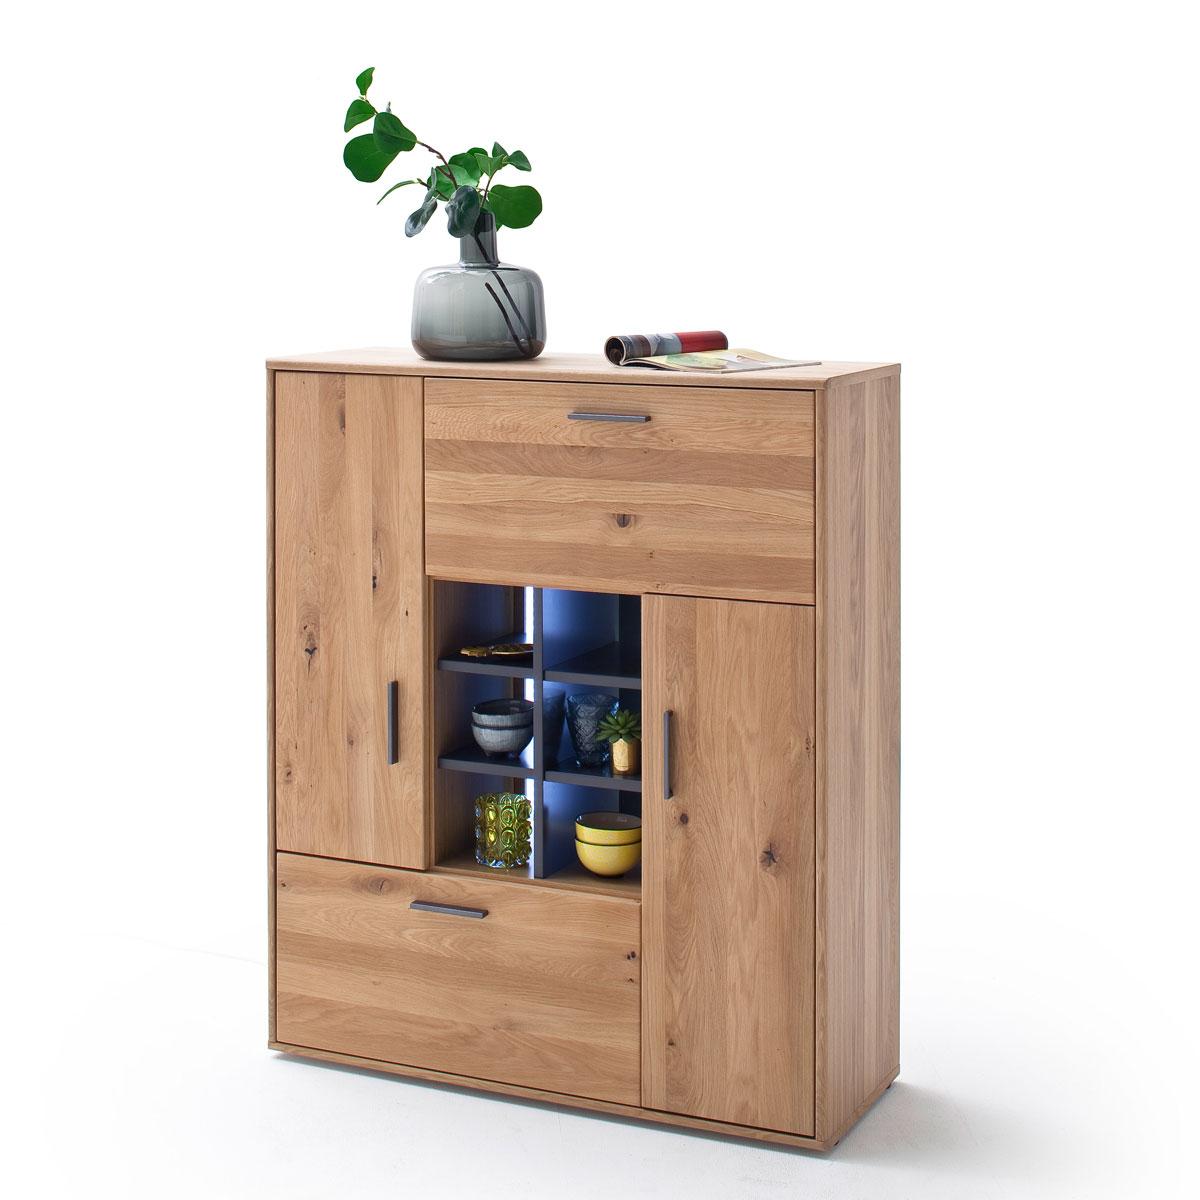 Mca Furniture Portland Highboard Por17t20 Fur Ihr Wohnzimmer Oder Esszimmer Anrichte Mit Zwei Turen Einem Schubkasten